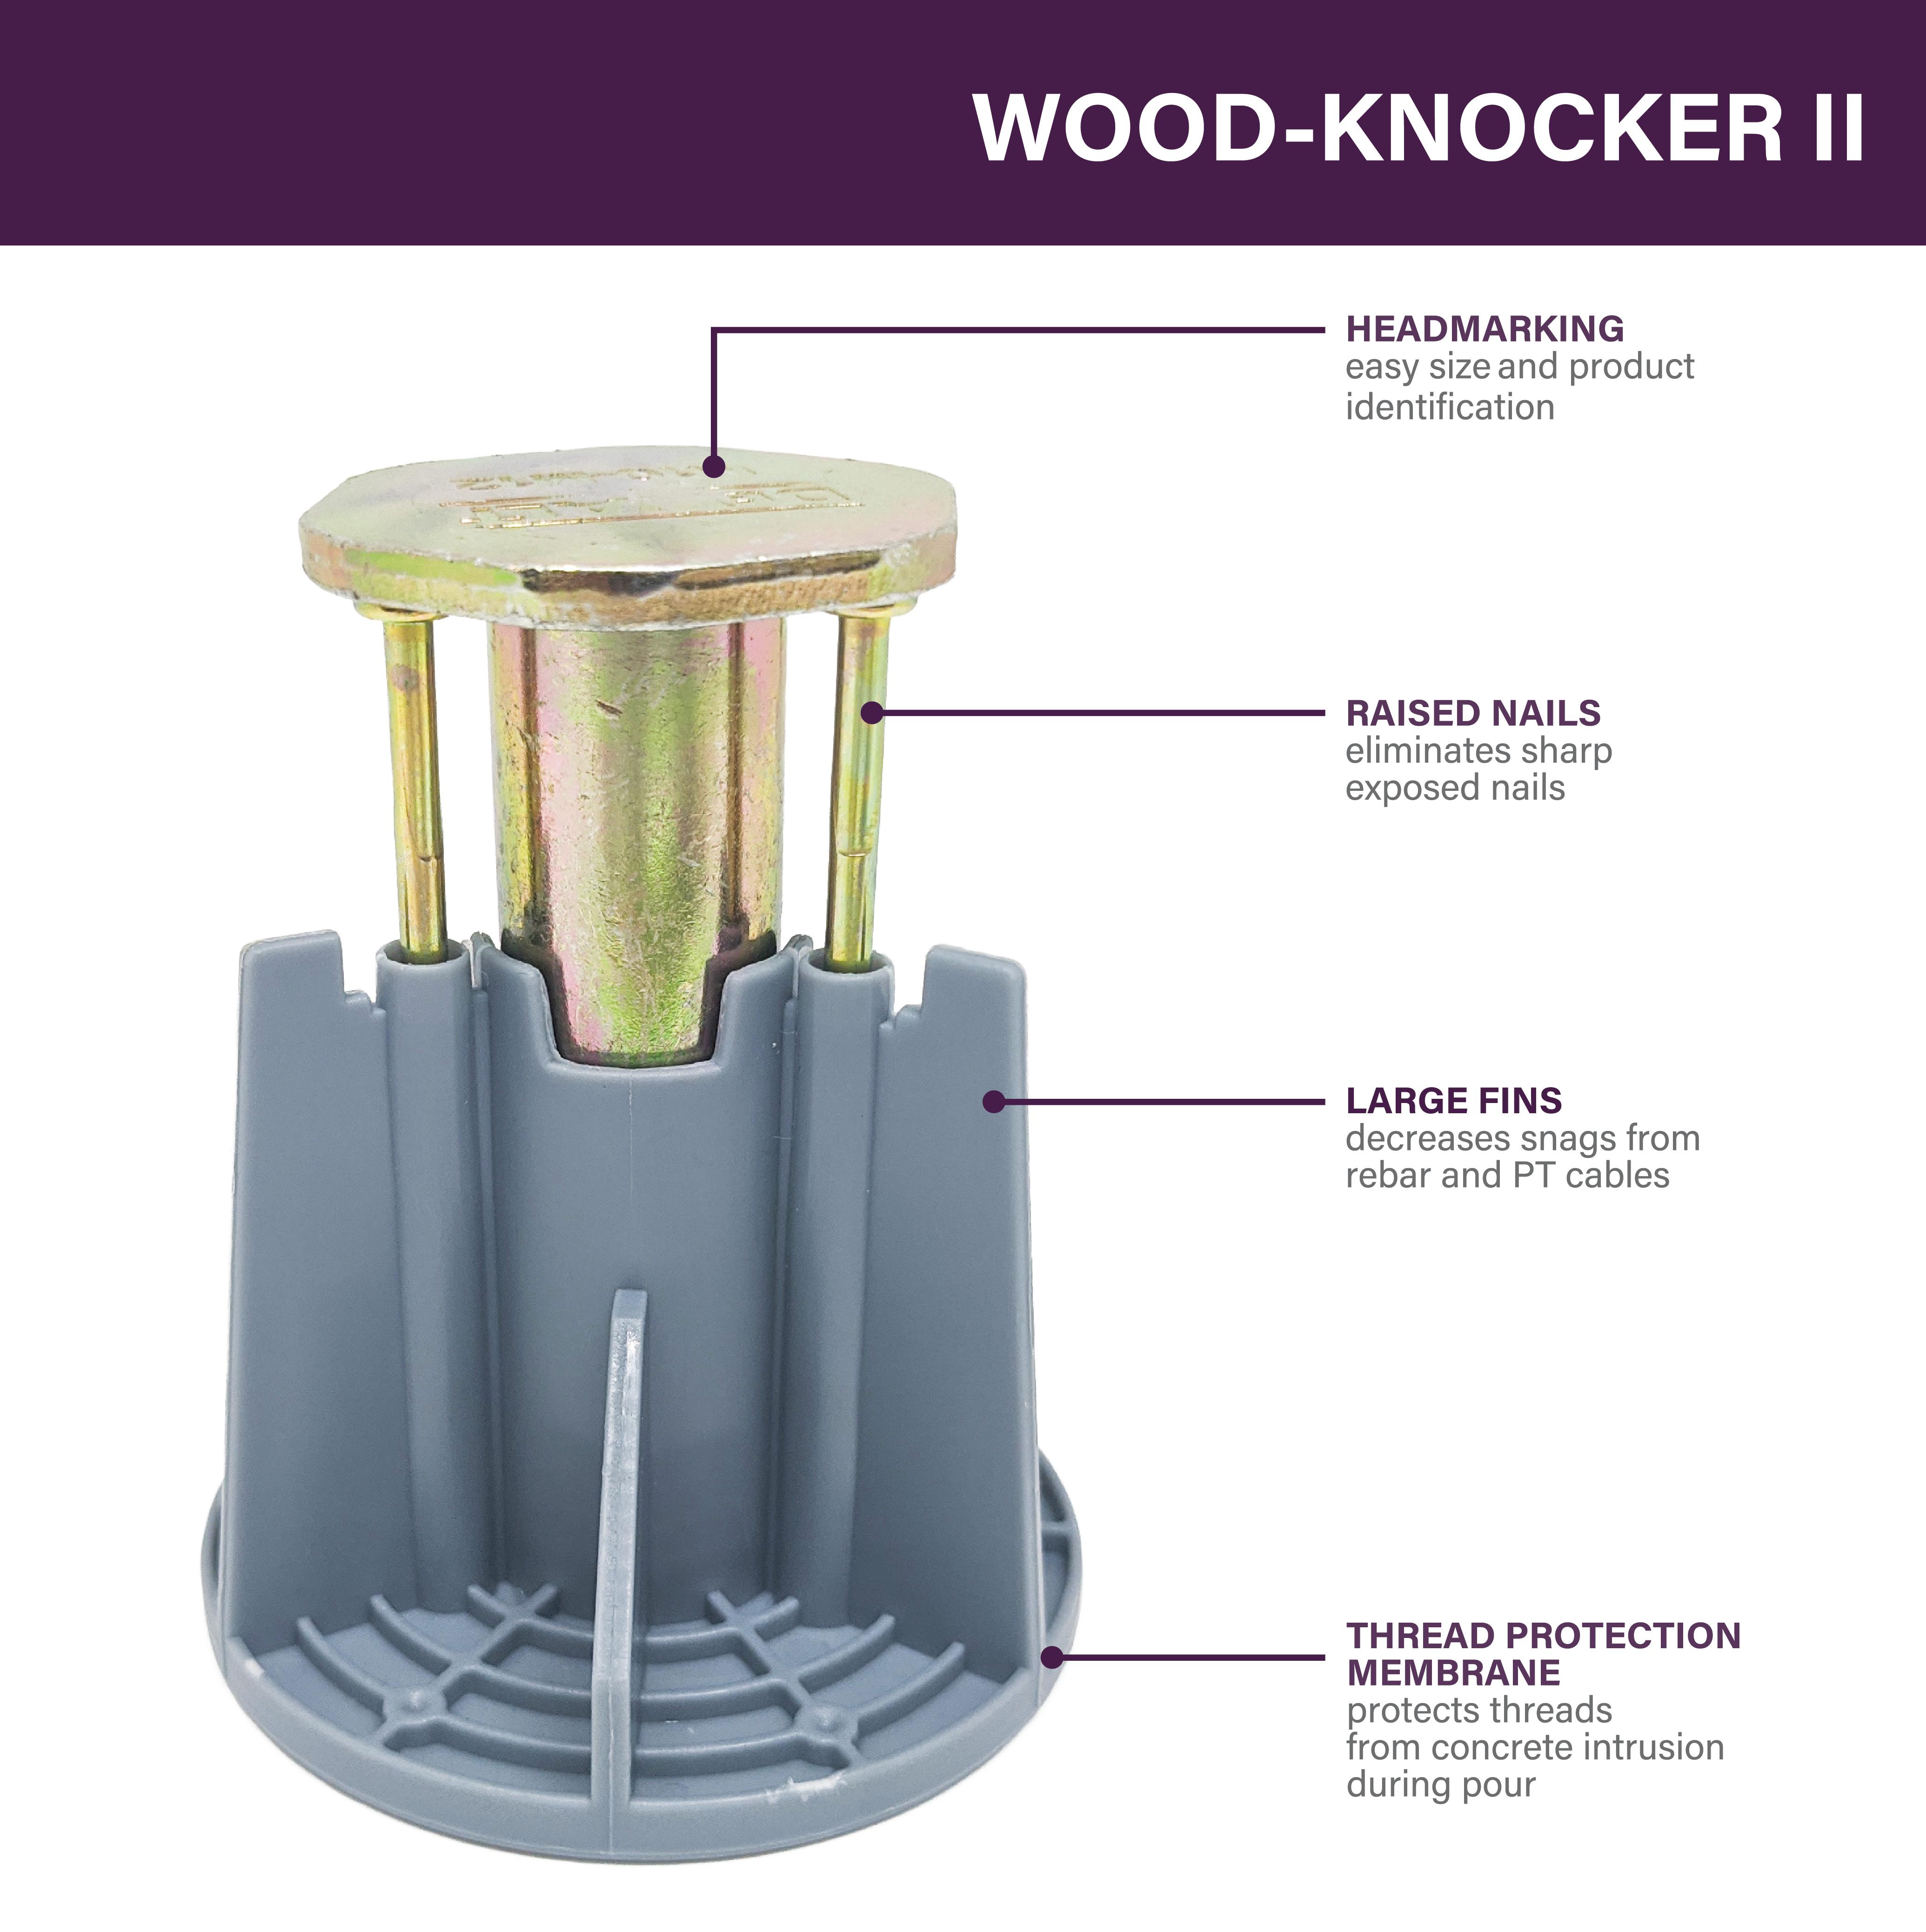 Wood Knocker II feature